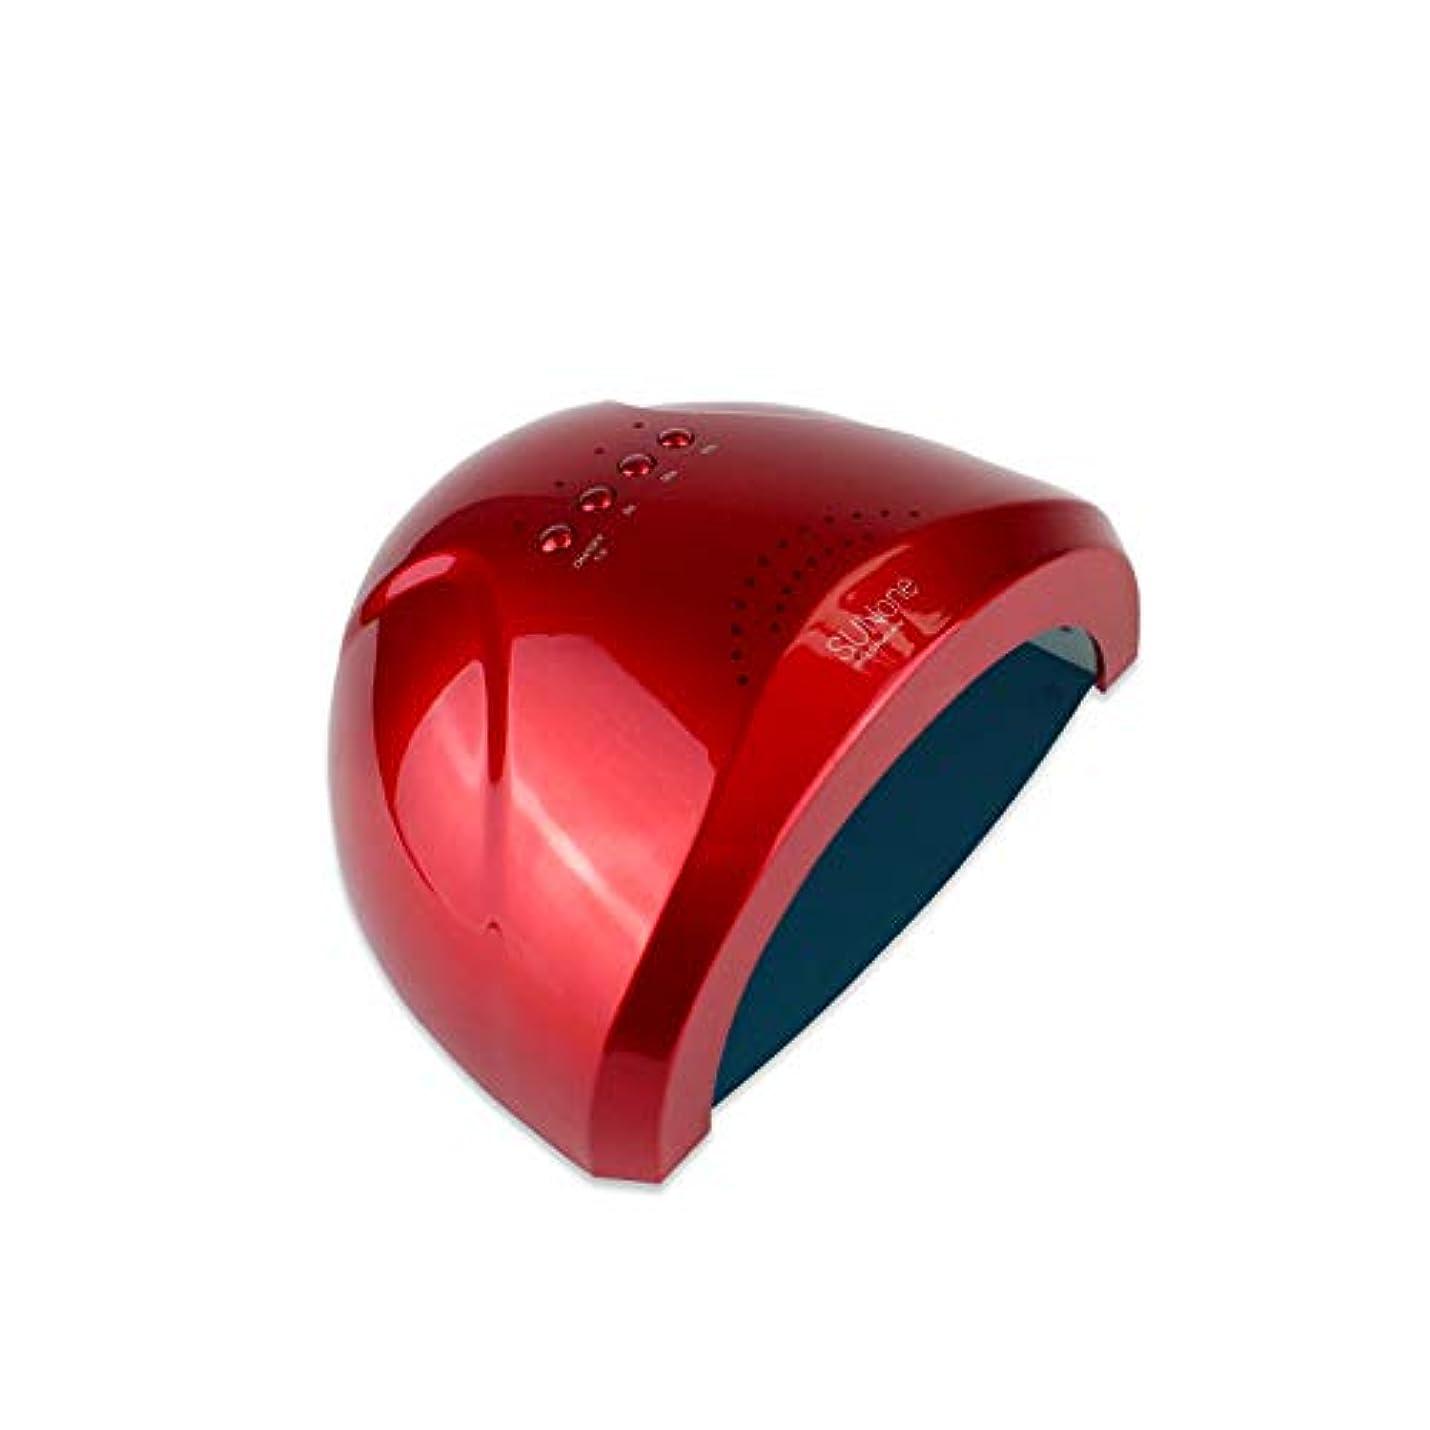 会うアラビア語装置LEDネイル光線療法機、ホームインテリジェントセンサー多機能リムーバブルネイルキュアマシン、デュアルソースネイルポリッシャー、ホテル/家族/ホテルに適しています